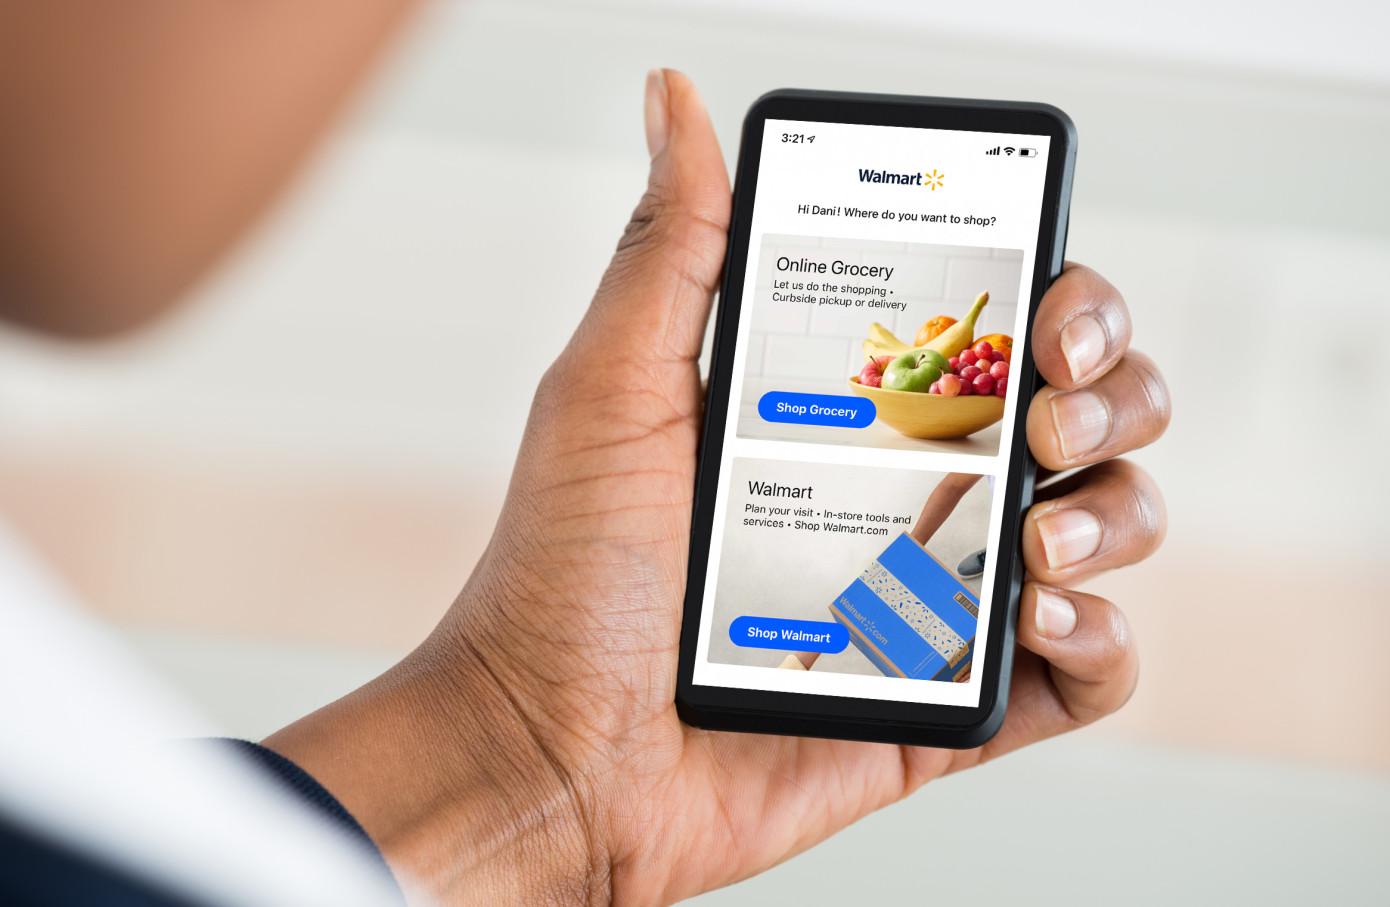 Walmart Grocery se está fusionando con la aplicación principal y el sitio web de Walmart